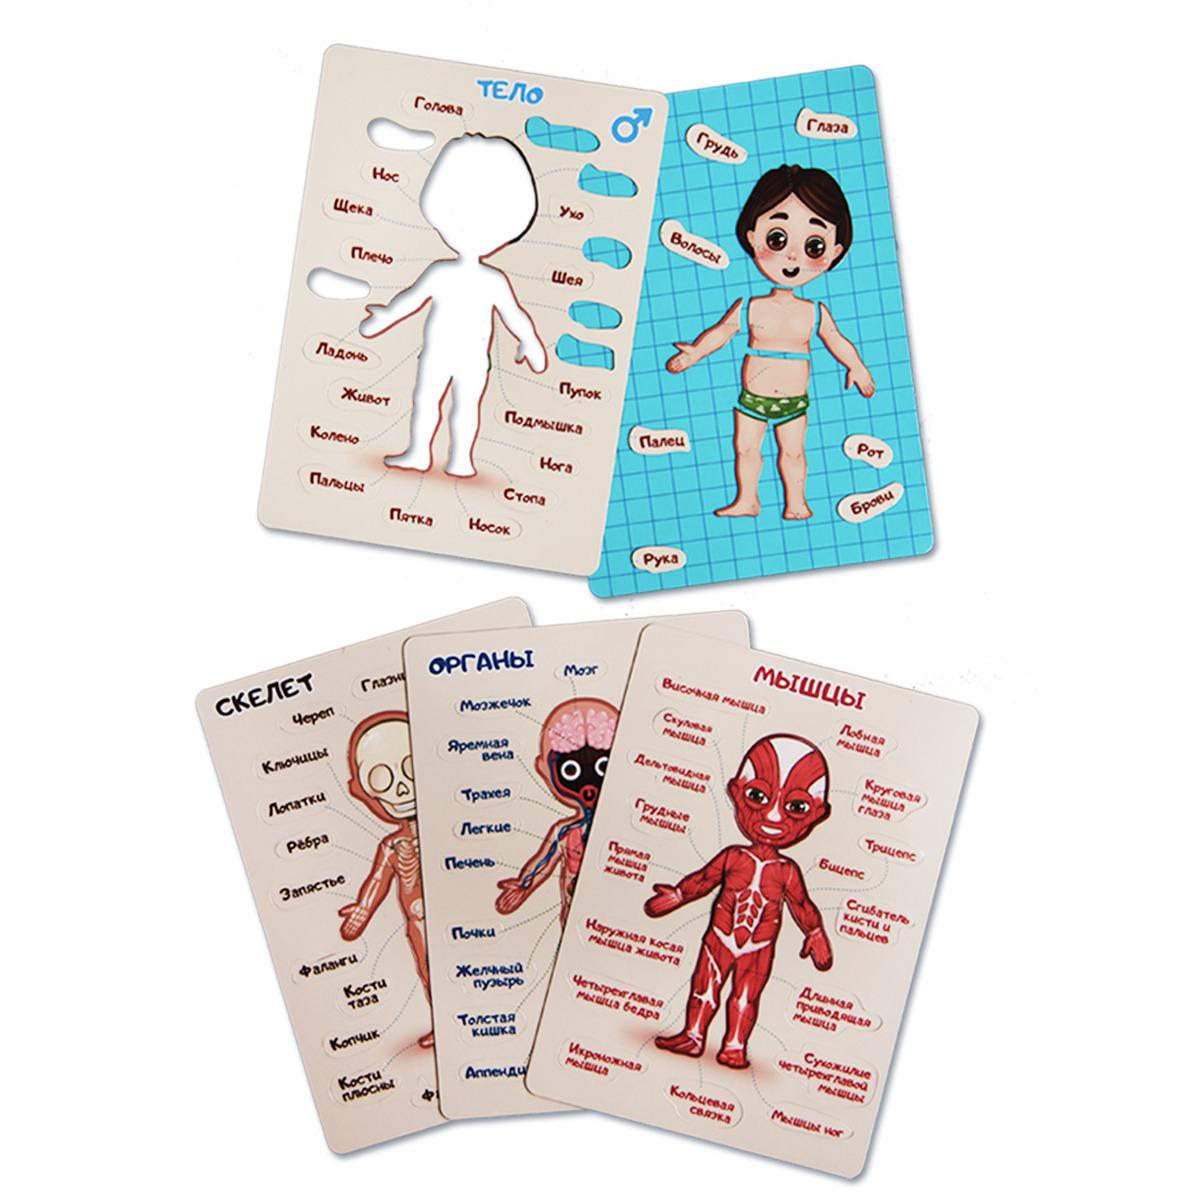 """Магнитная детская настольная развивающая игра-пазл """"Как устроен человек - тело, скелет, анатомия"""" для мальчика - Notta & Belle"""